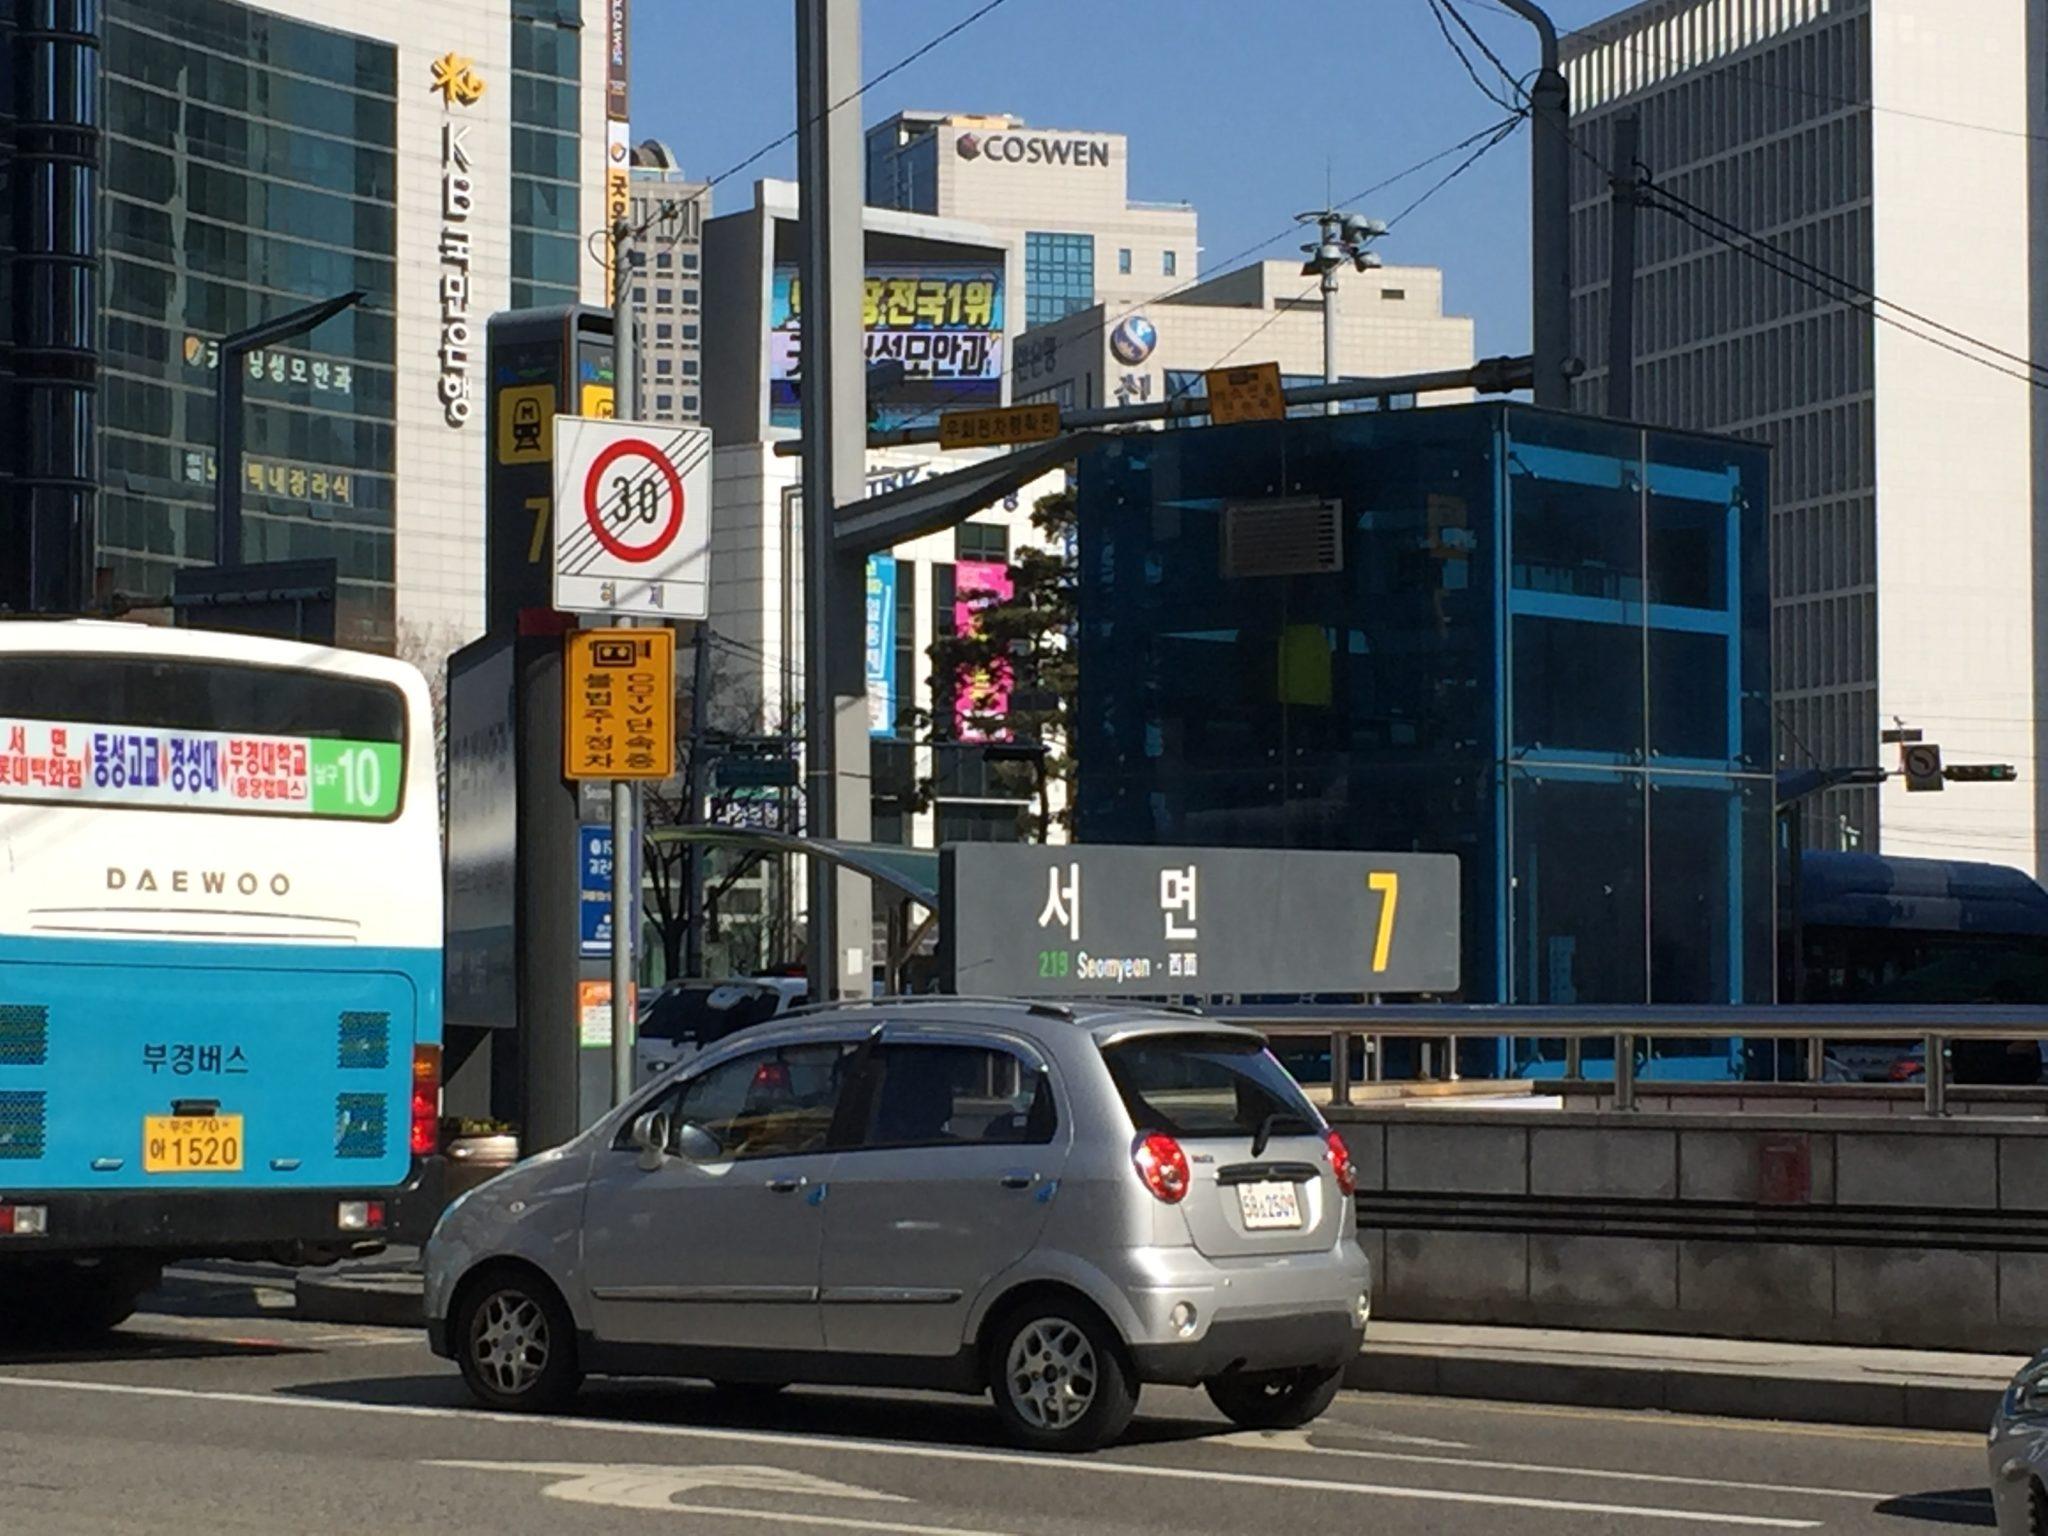 釜山(プサン)の西面駅(ソミョン駅)